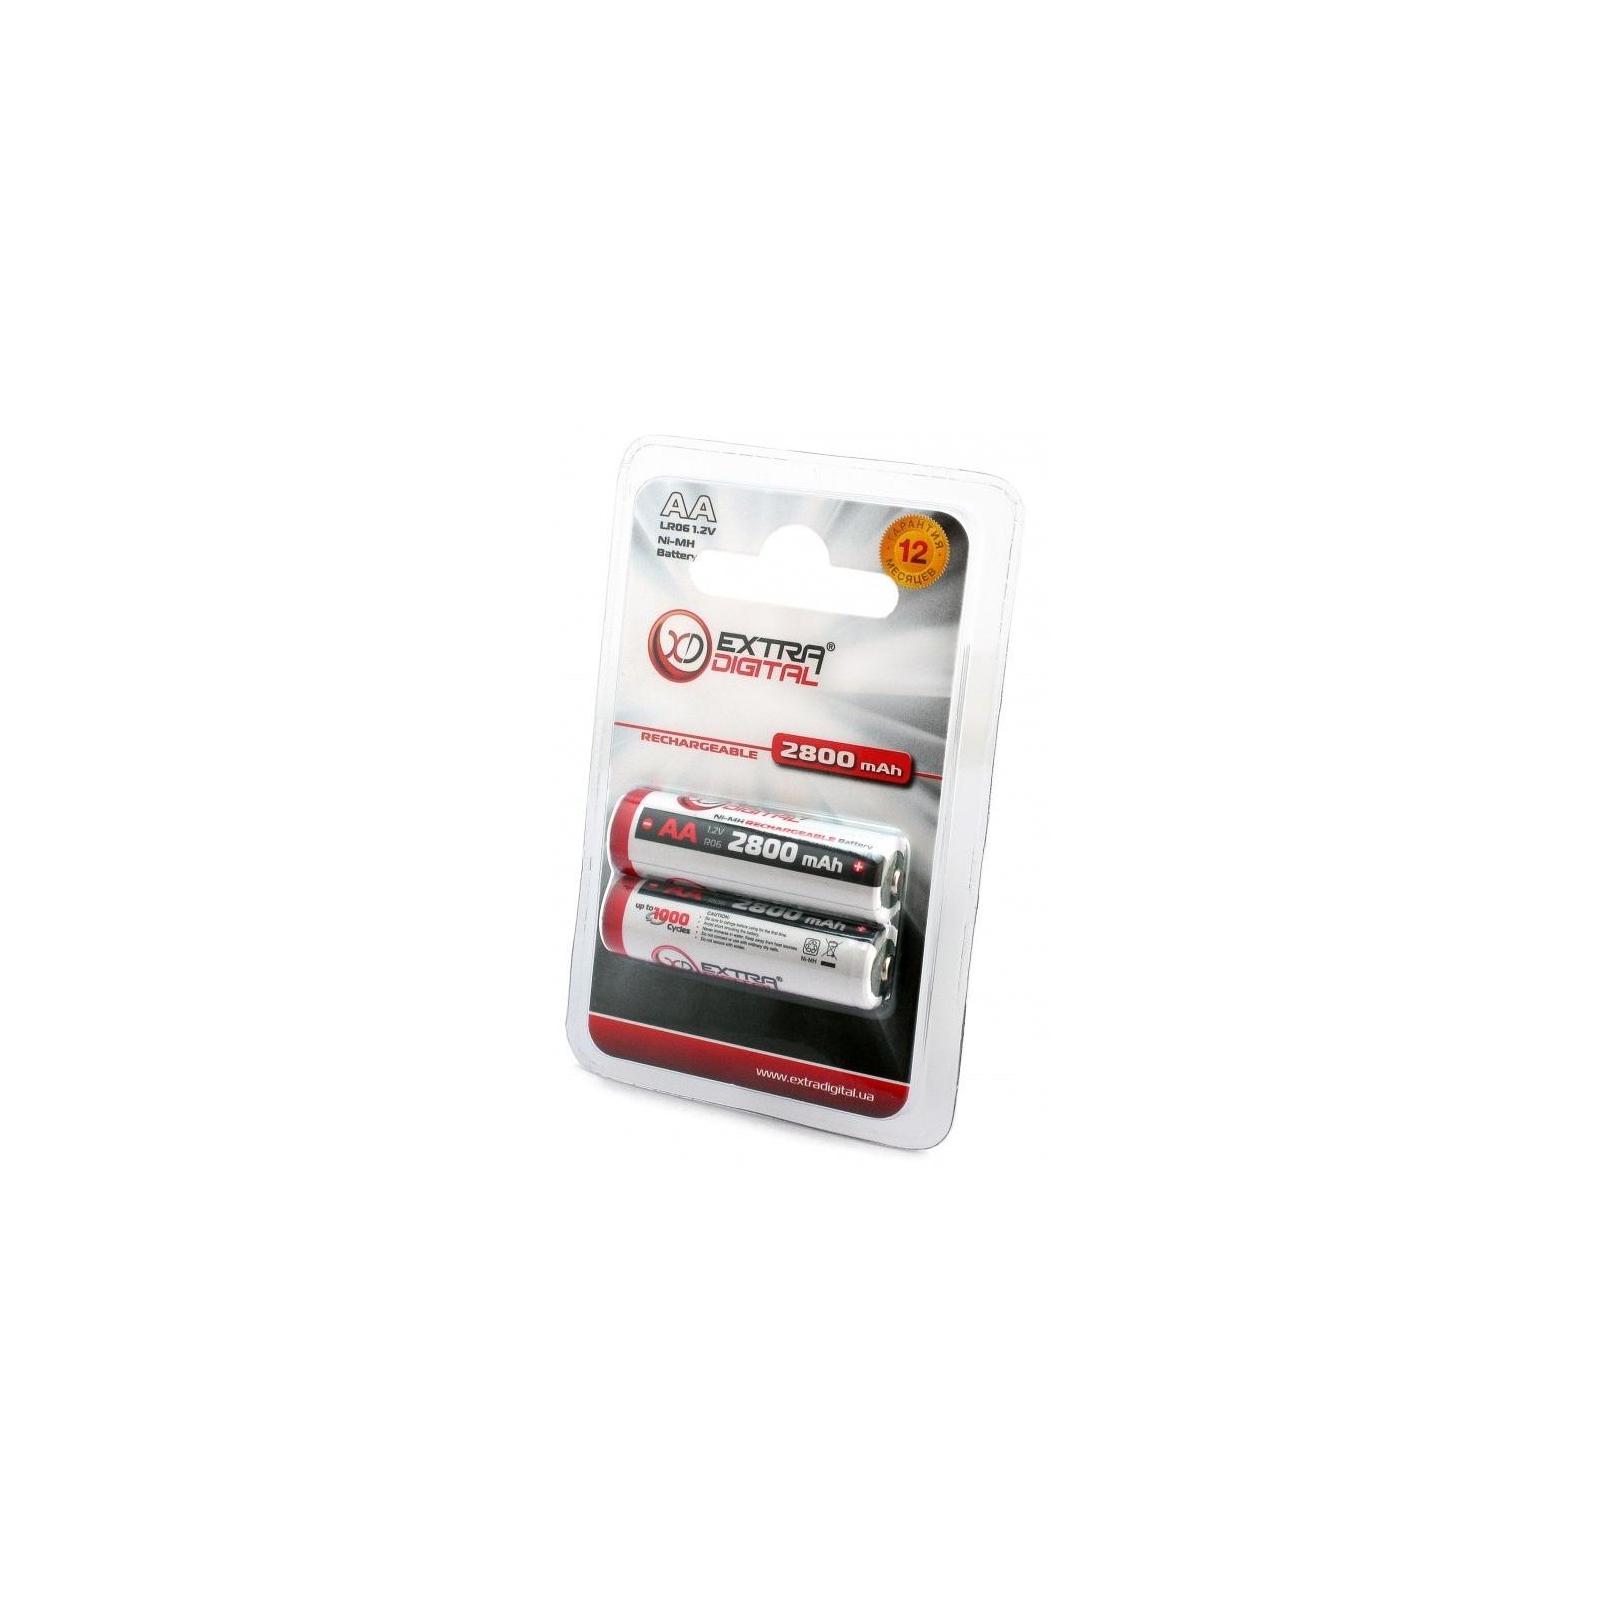 Зарядное устройство для аккумуляторов Extradigital BM110 + 4шт AA 2800 mAh (DV00DV2818) изображение 9